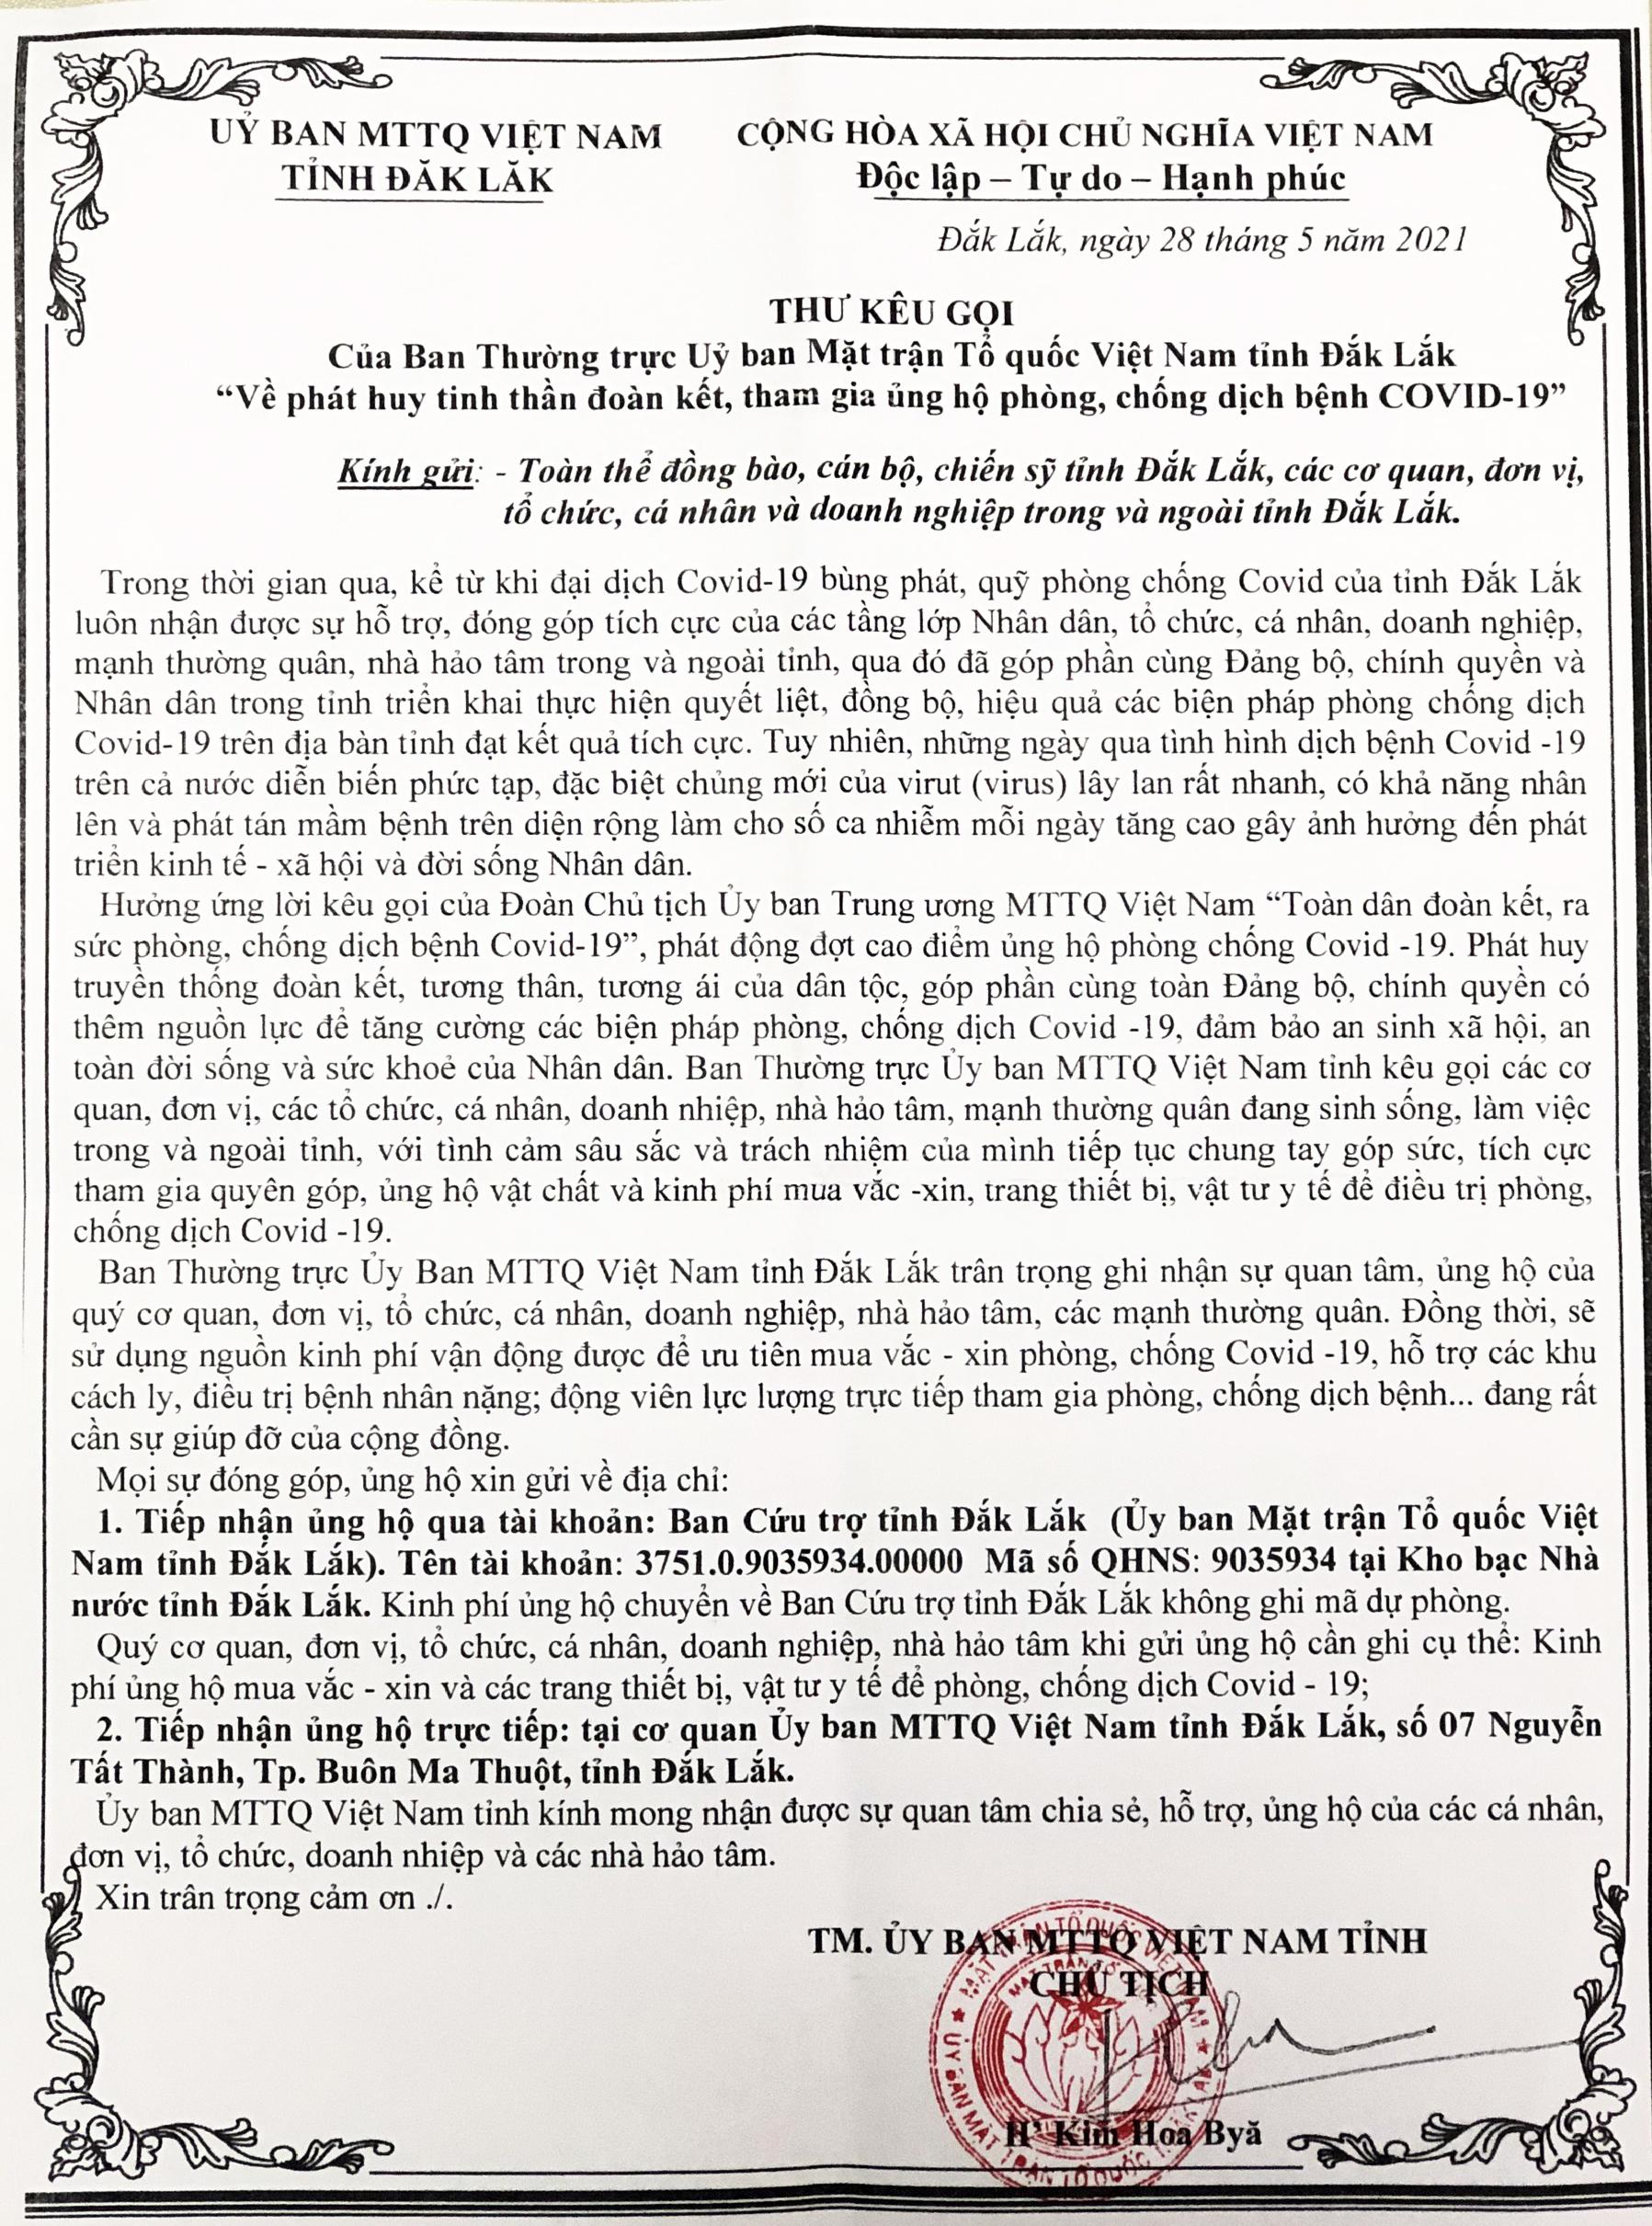 Ủy ban MTTQ Việt Nam tỉnh kêu gọi tham gia ủng hộ phòng, chống dịch COVID-19